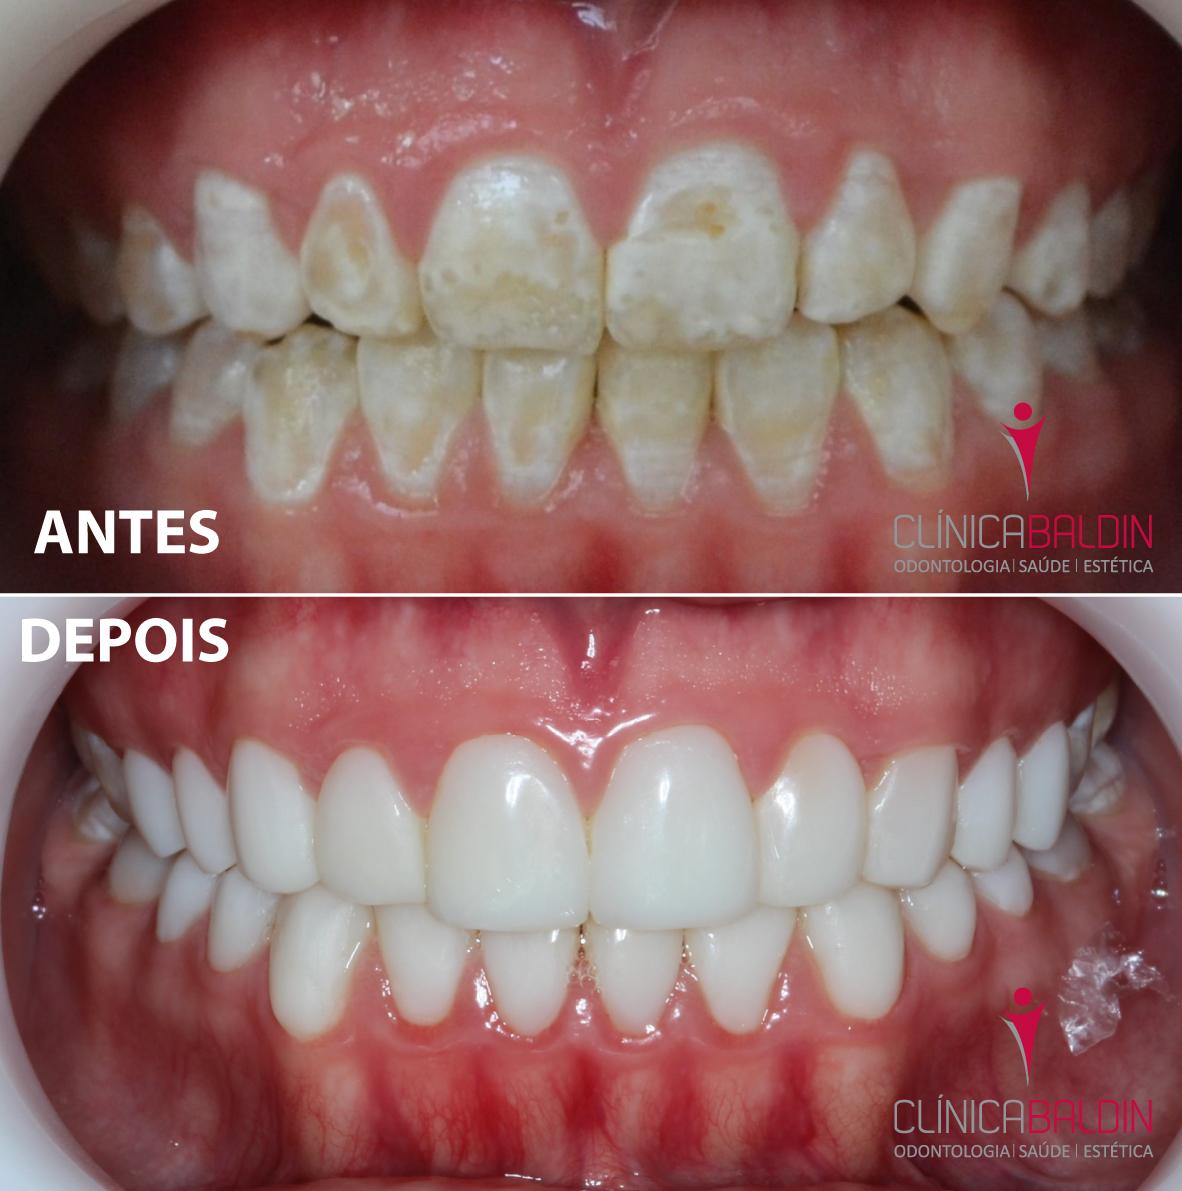 Dentes com hipoplasia antes e depois de aplicação de facetas de resina